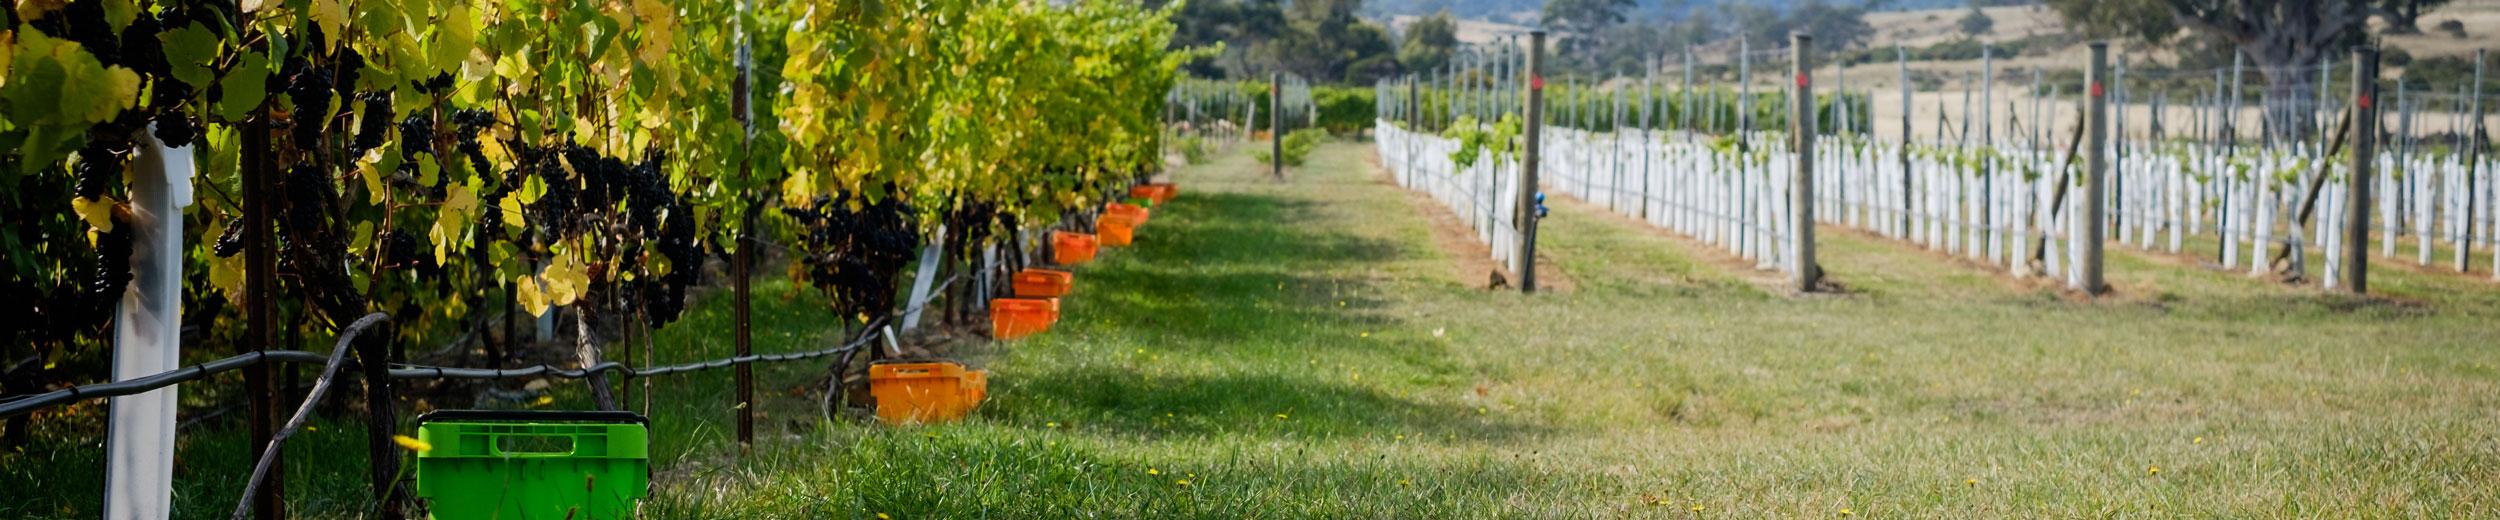 mailing list for Craigie Know vineyard